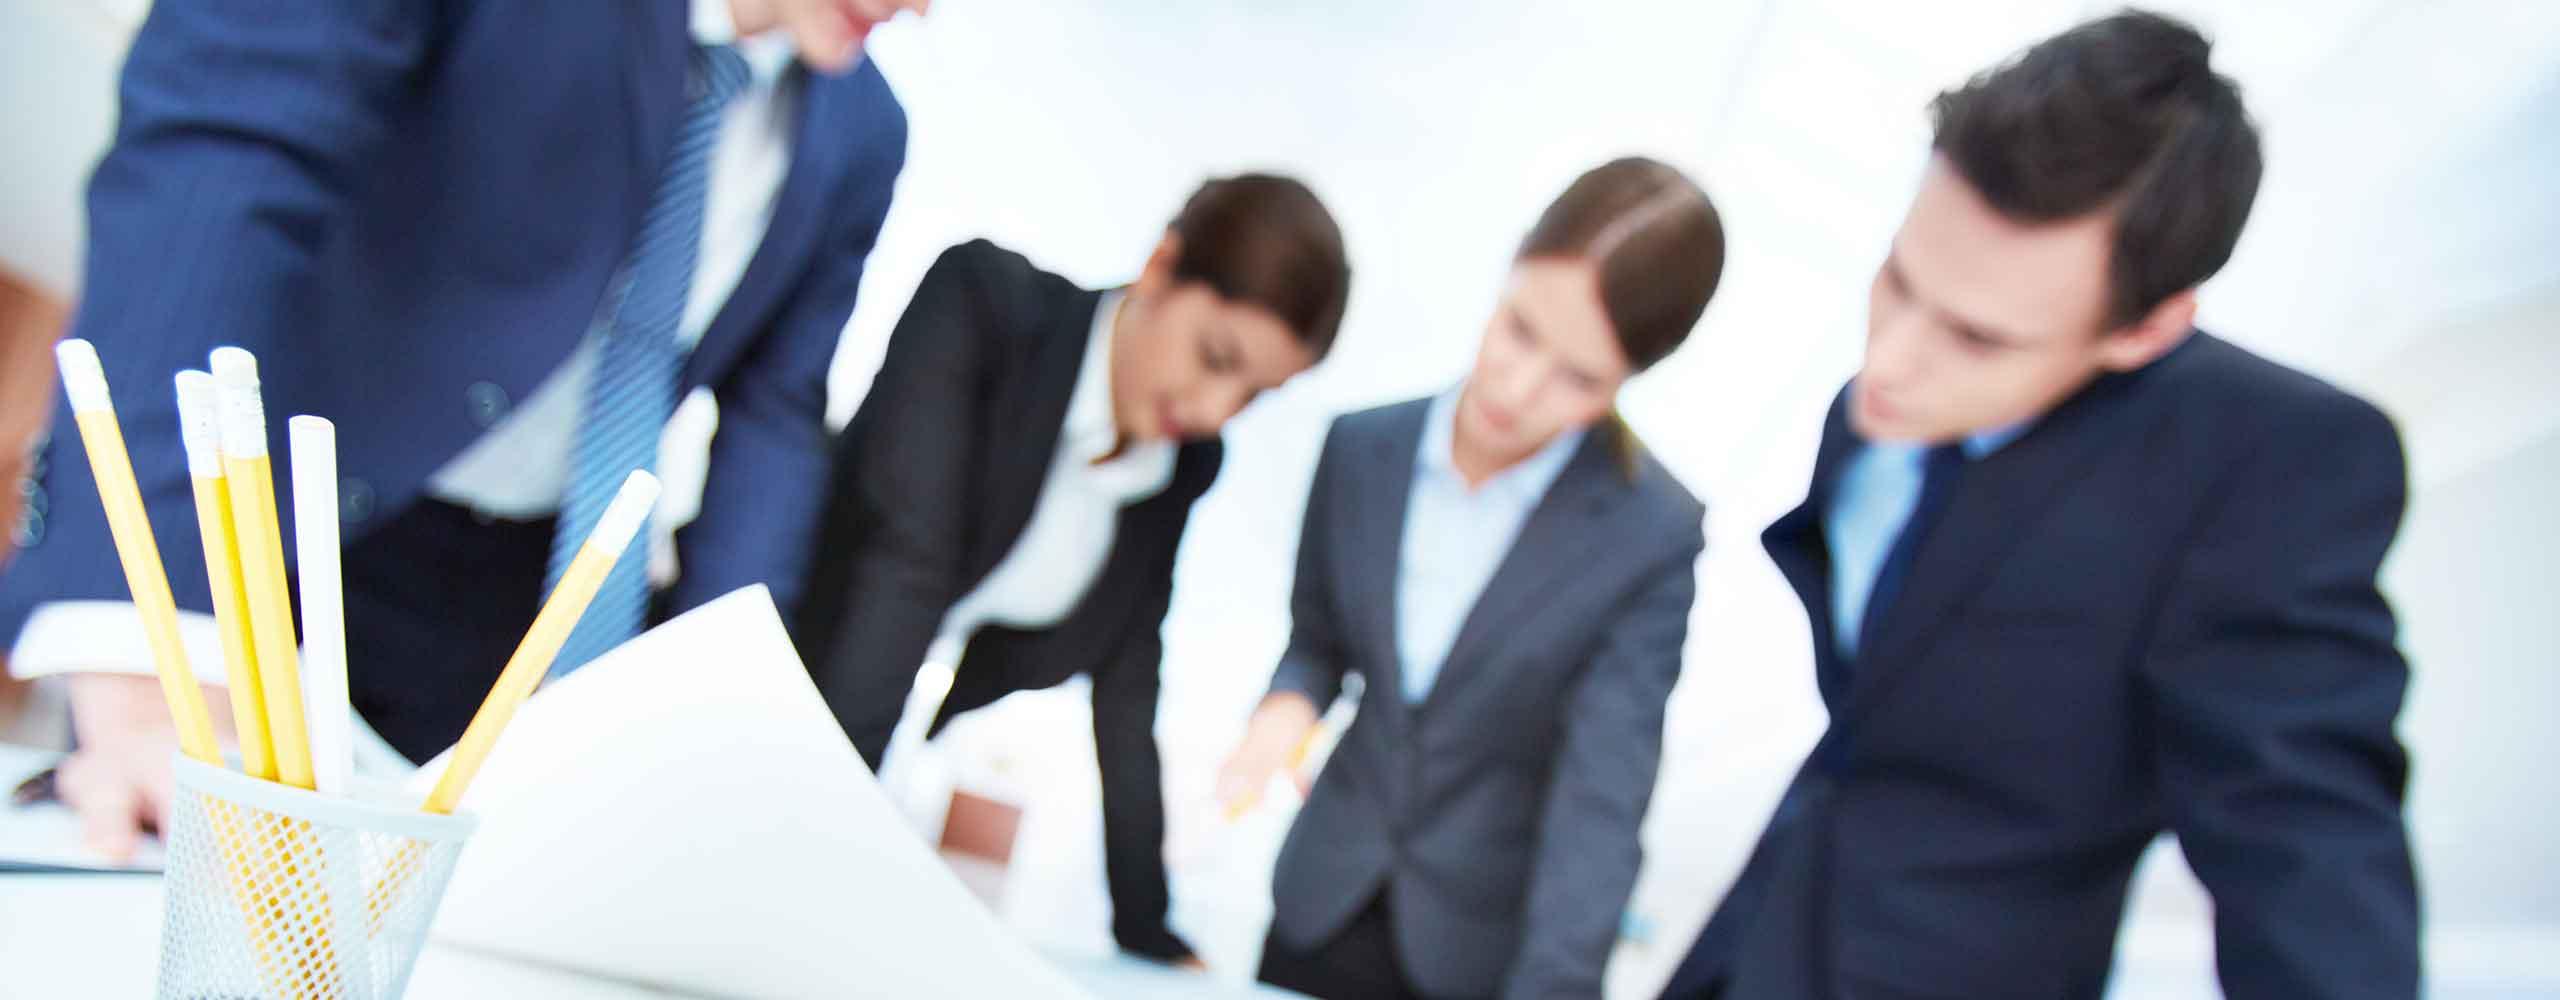 Sito Web per Professionista | Preventivo Realizzazione Sito Web per Professionista | PRINGO